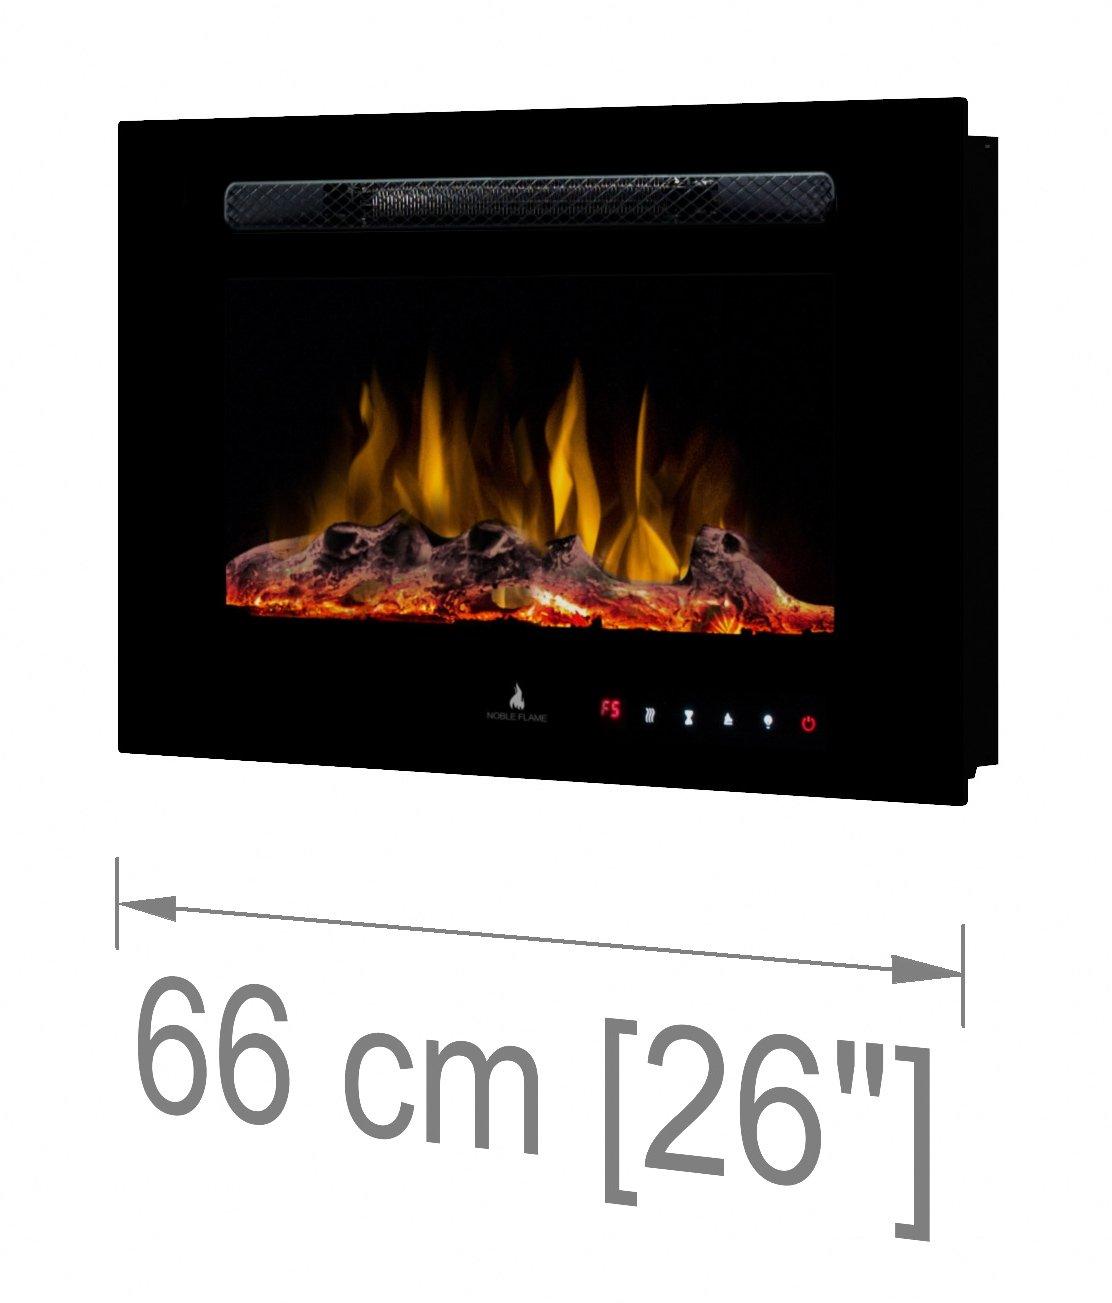 """- Chimenea El/éctrica Chimenea de Pared Estufa Chimenea 183 cm//72 /"""" Montaje en Pared Mando a Distancia Noble Flame Paris 1830 14,5 cm Profundidad - Negro"""